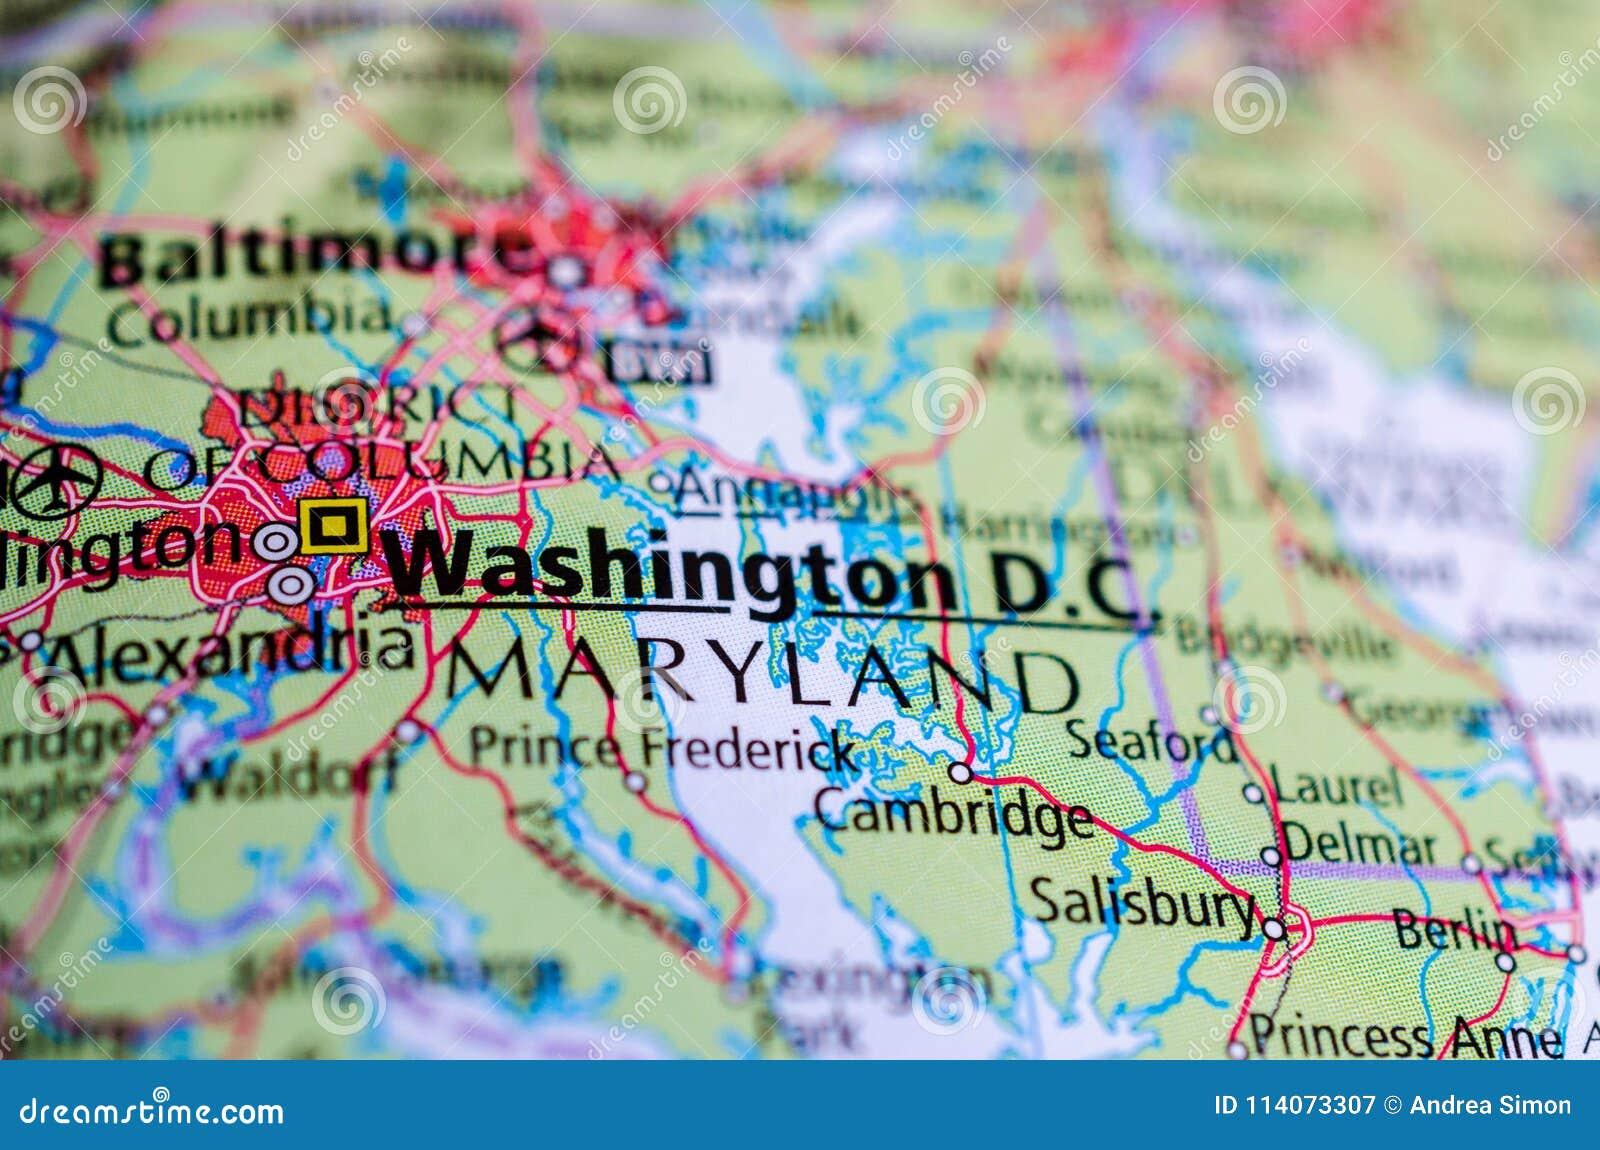 Washington, D.C. on map stock image. Image of satelite - 114073307